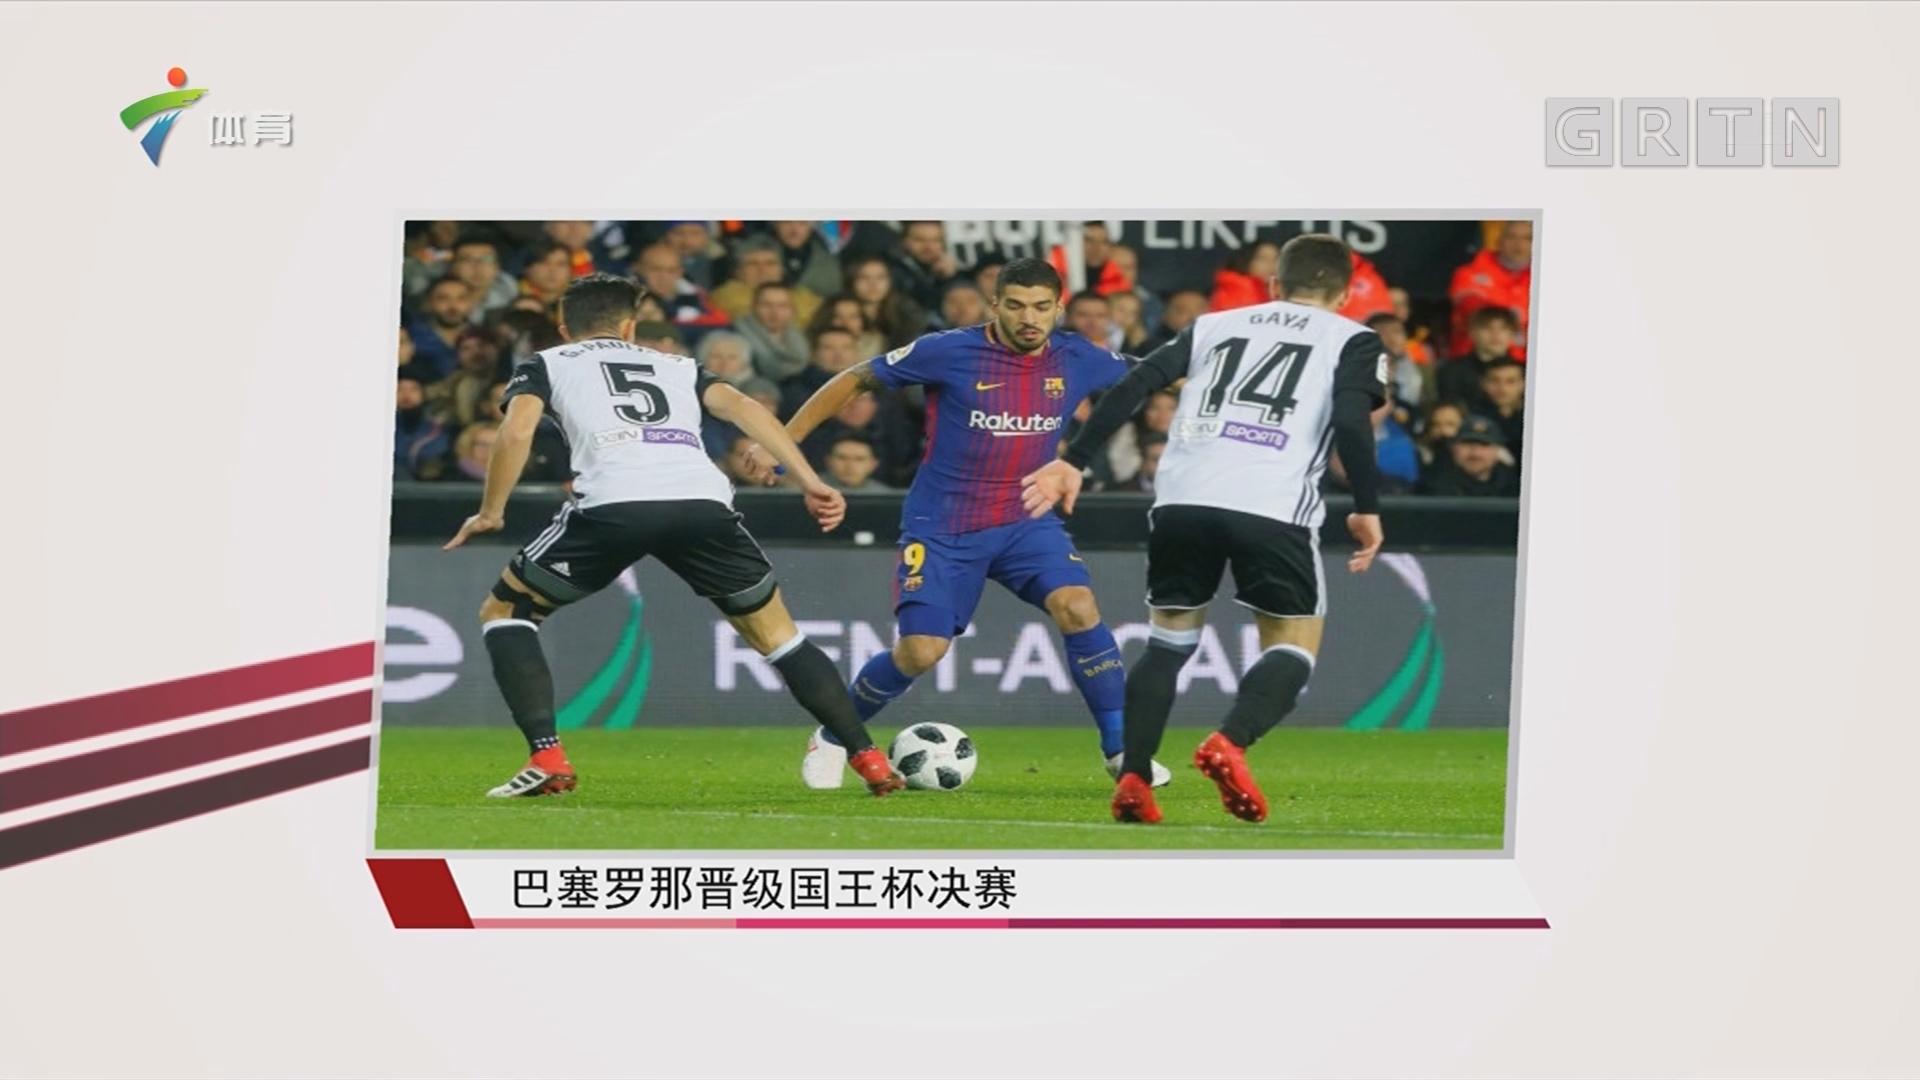 巴塞罗那晋级国王杯决赛